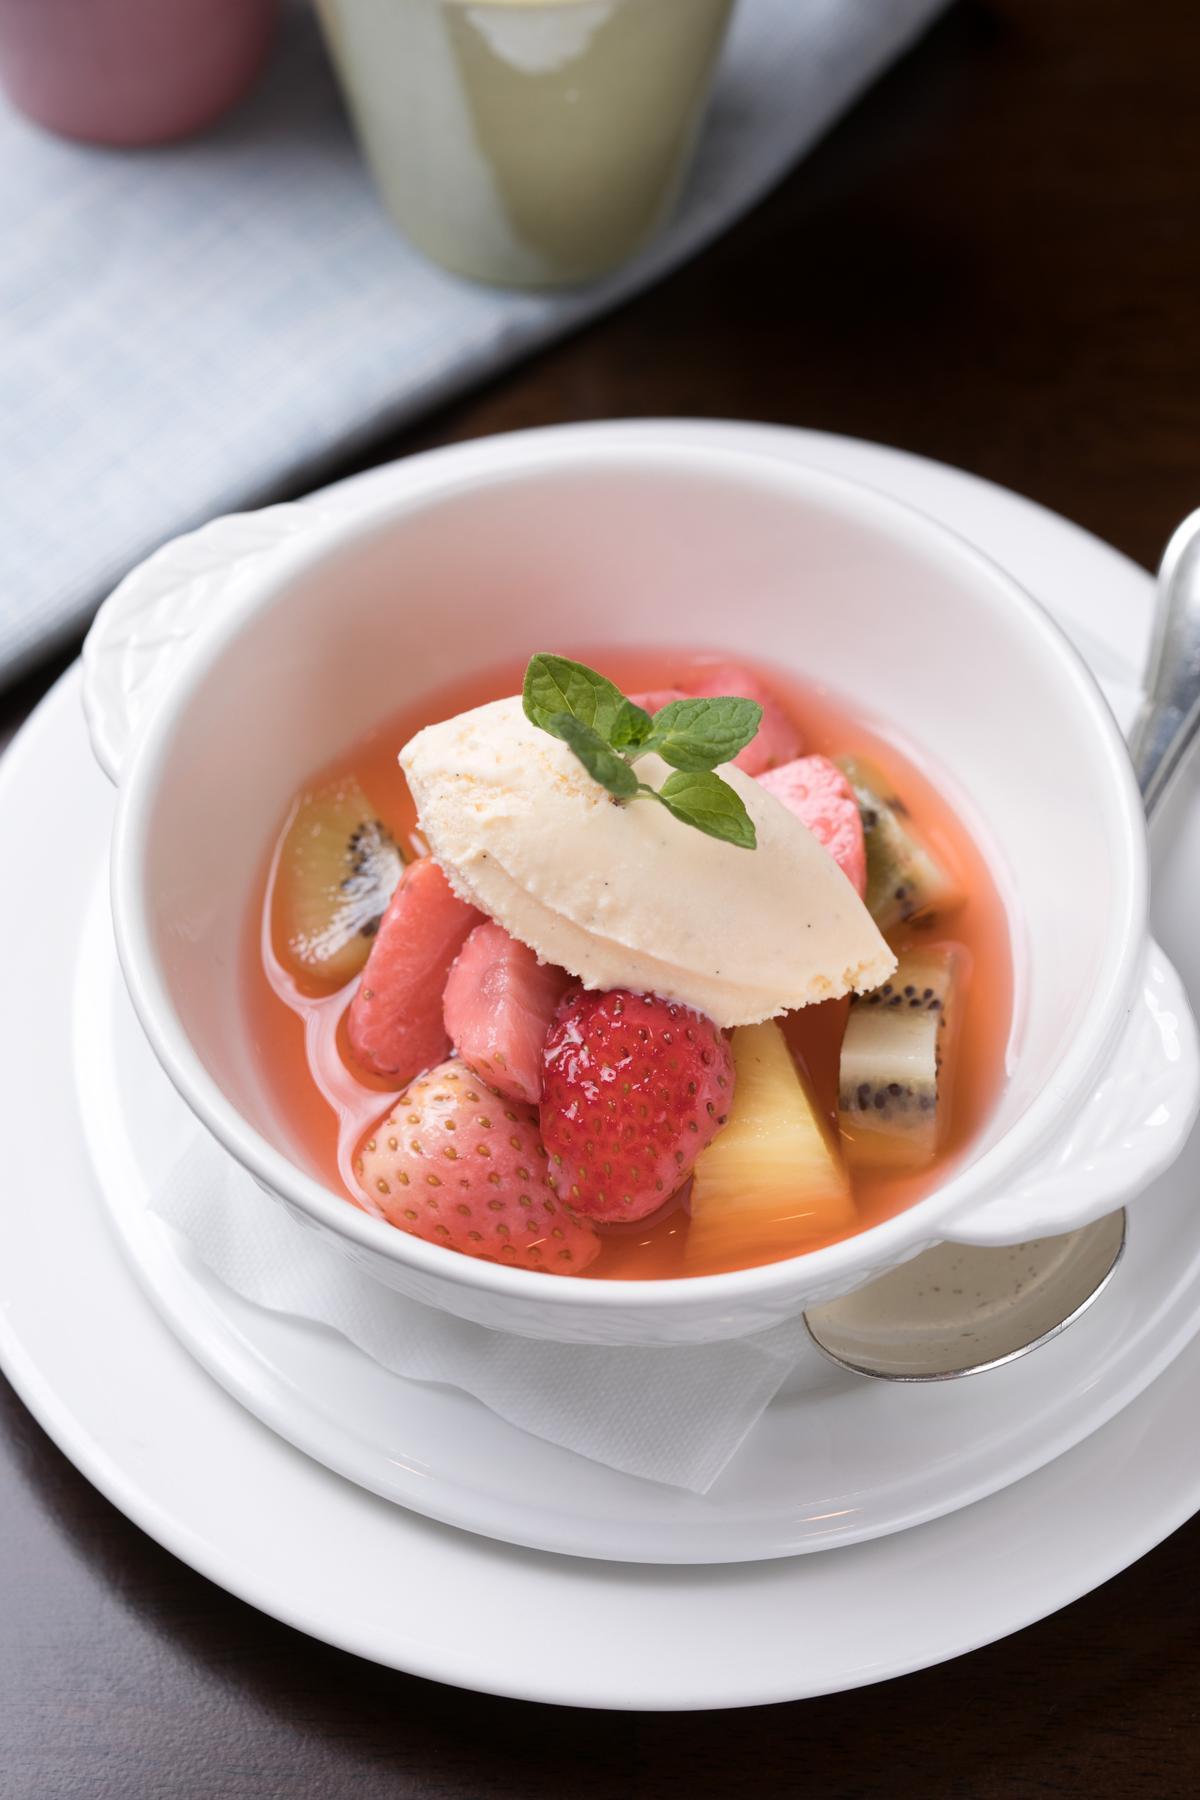 甜點「蜜釀當季鮮果佐自家製冰淇淋」的果品會隨季節替換,這天的主角是「櫪木姬」品種的草莓,清爽可口。